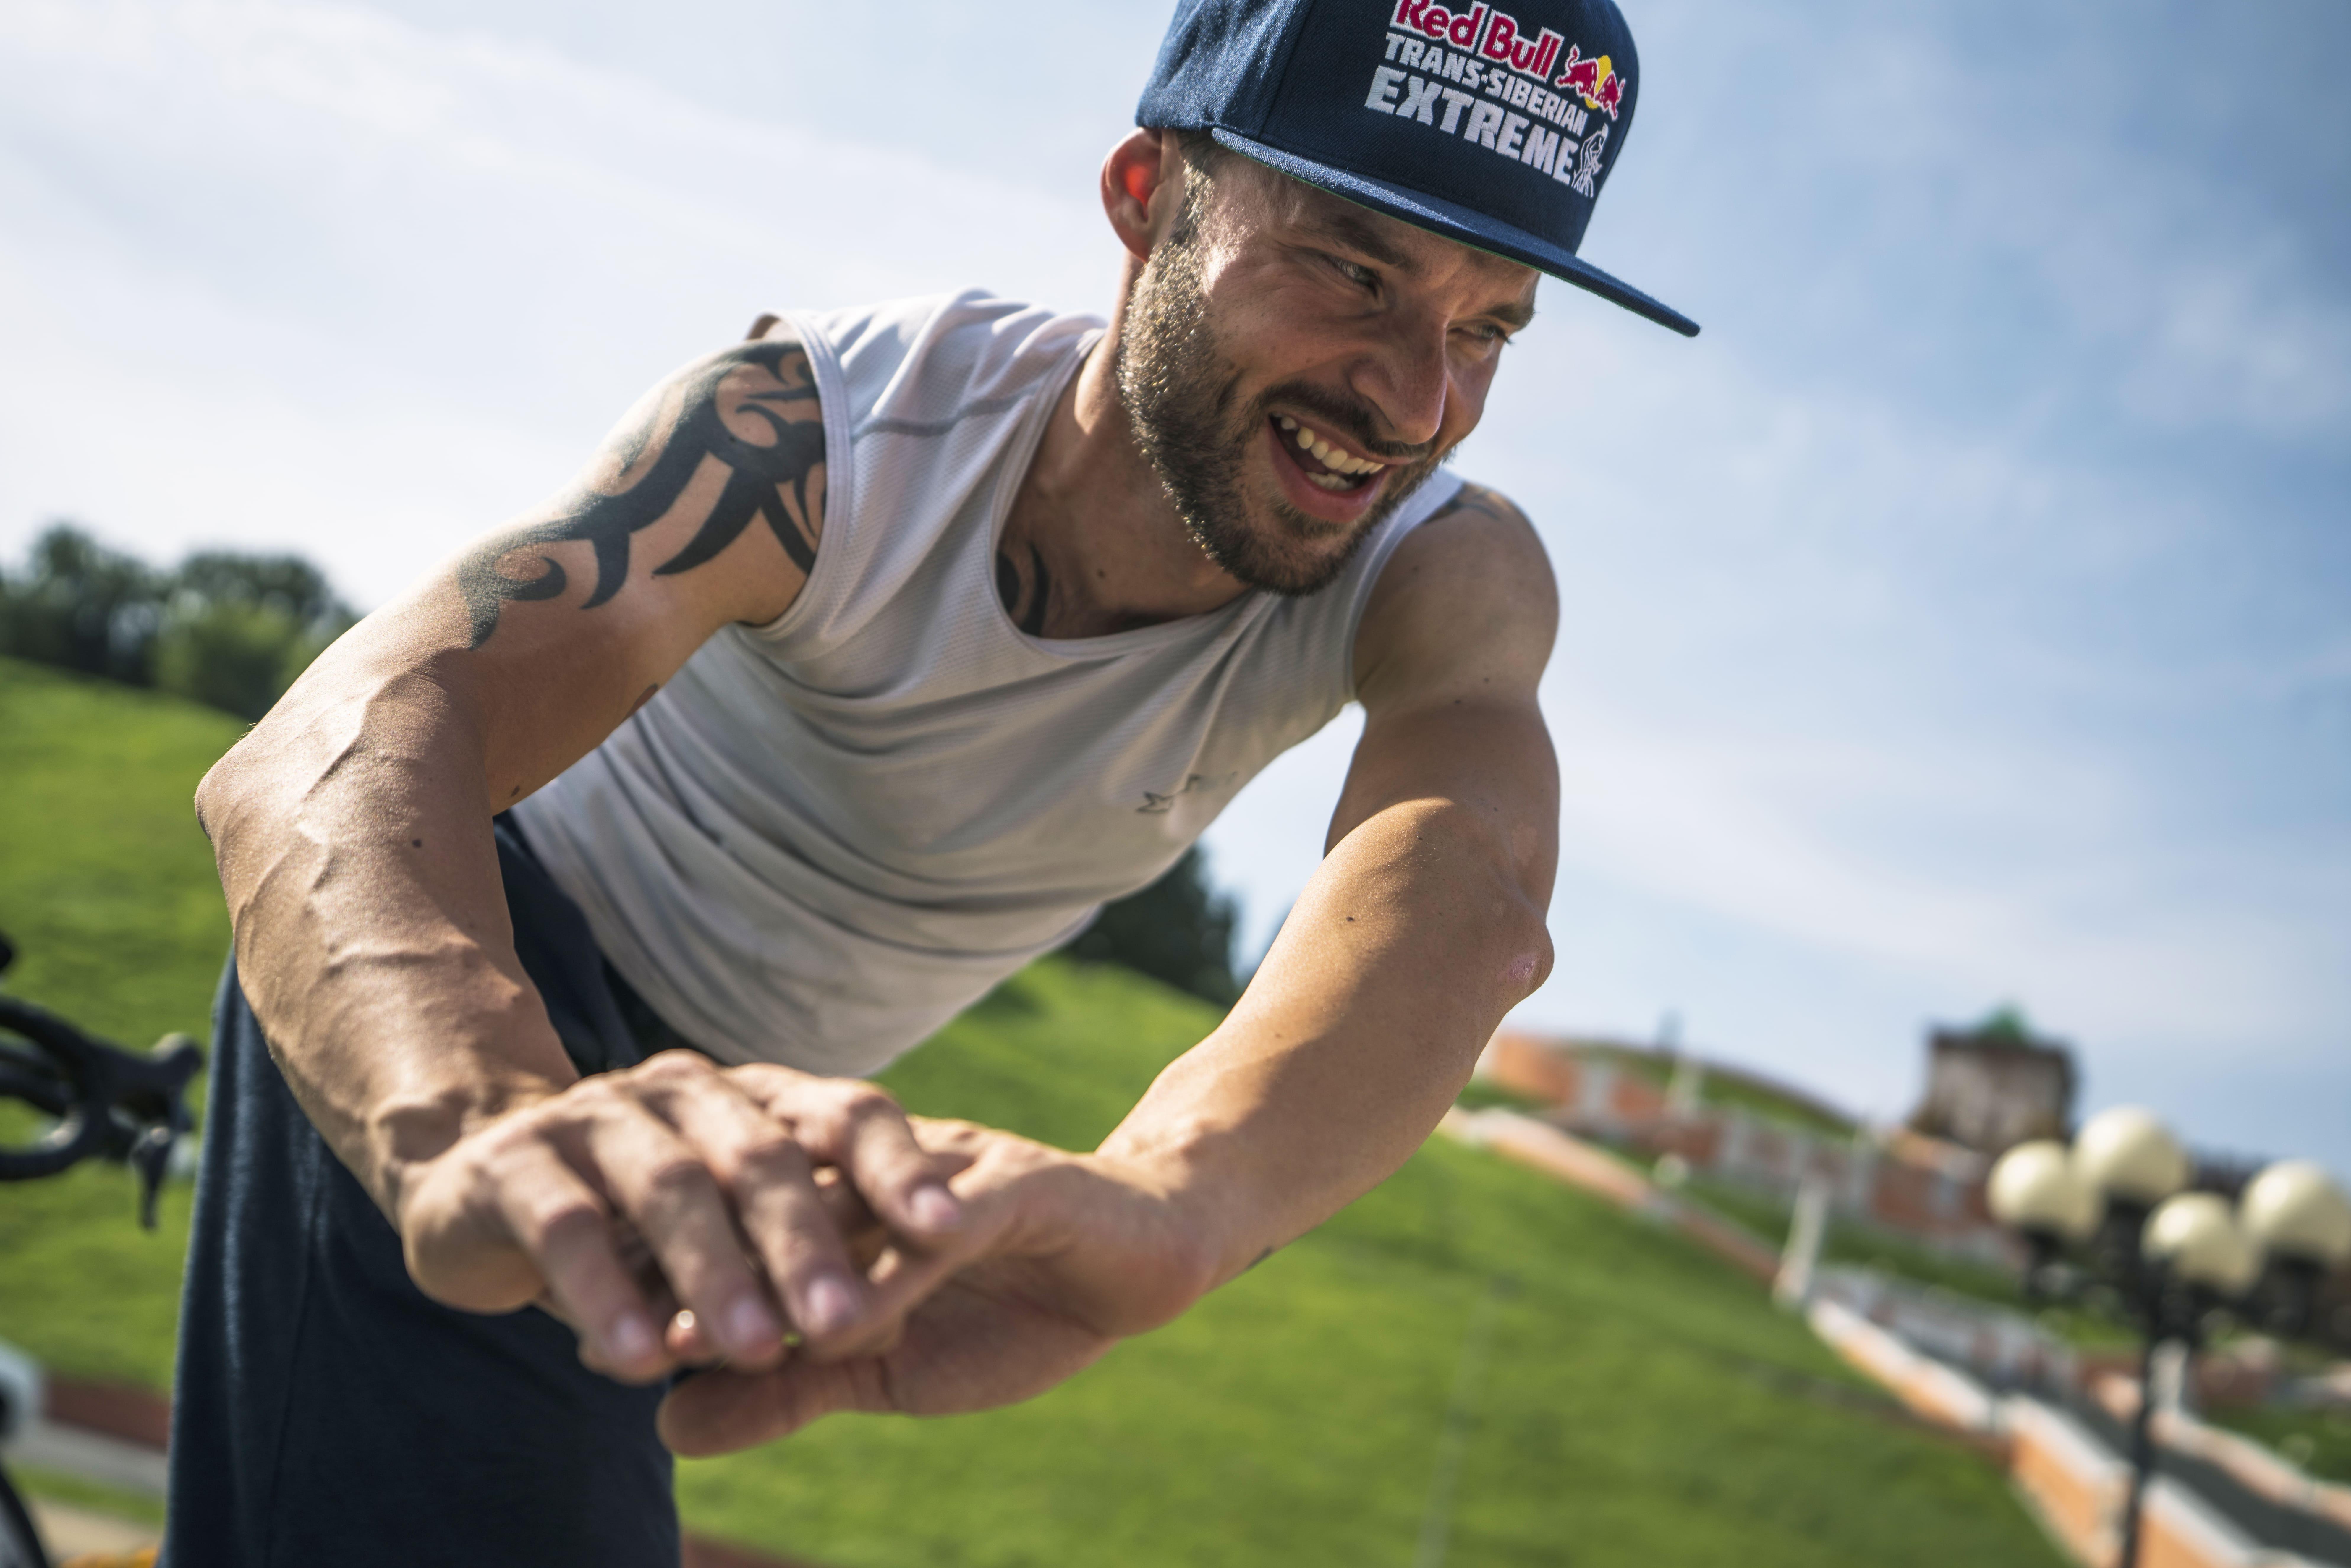 Recuperação no ciclismo: o dinamarquês Michael Knudsen faz alongamento durante uma etapa do Trans-Siberian